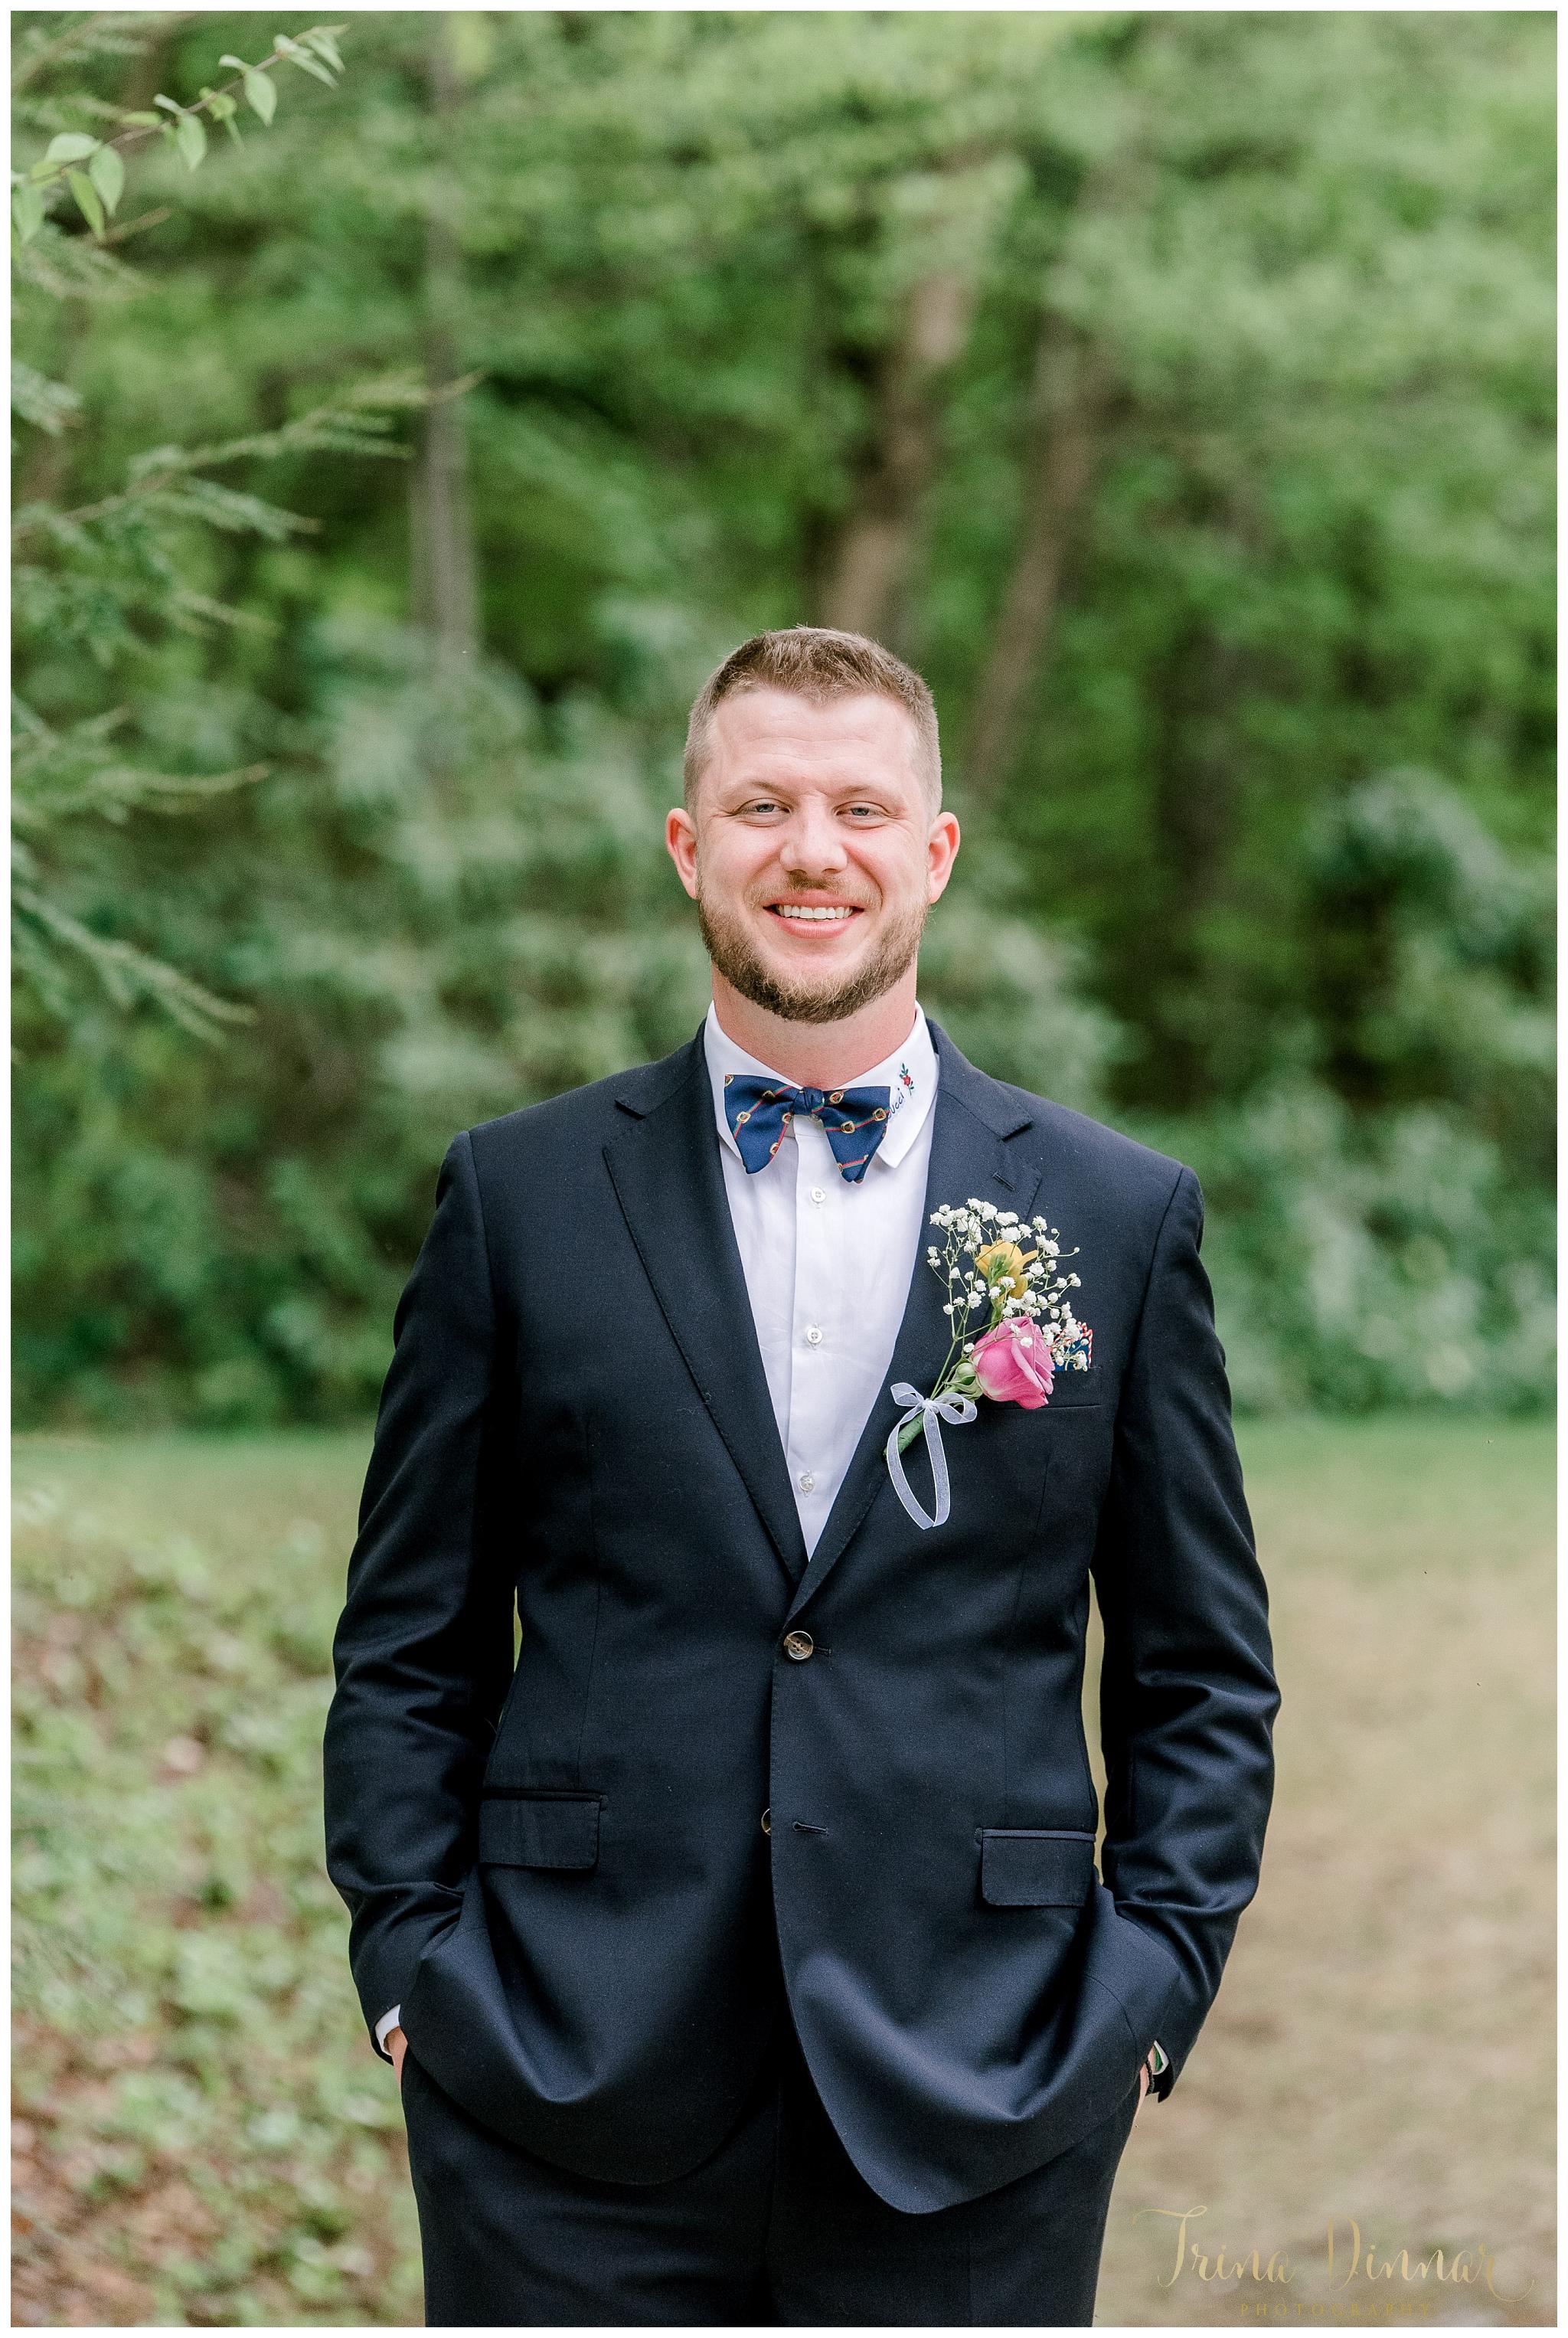 Tyler Allen Groom Portrait May 2019 Wedding